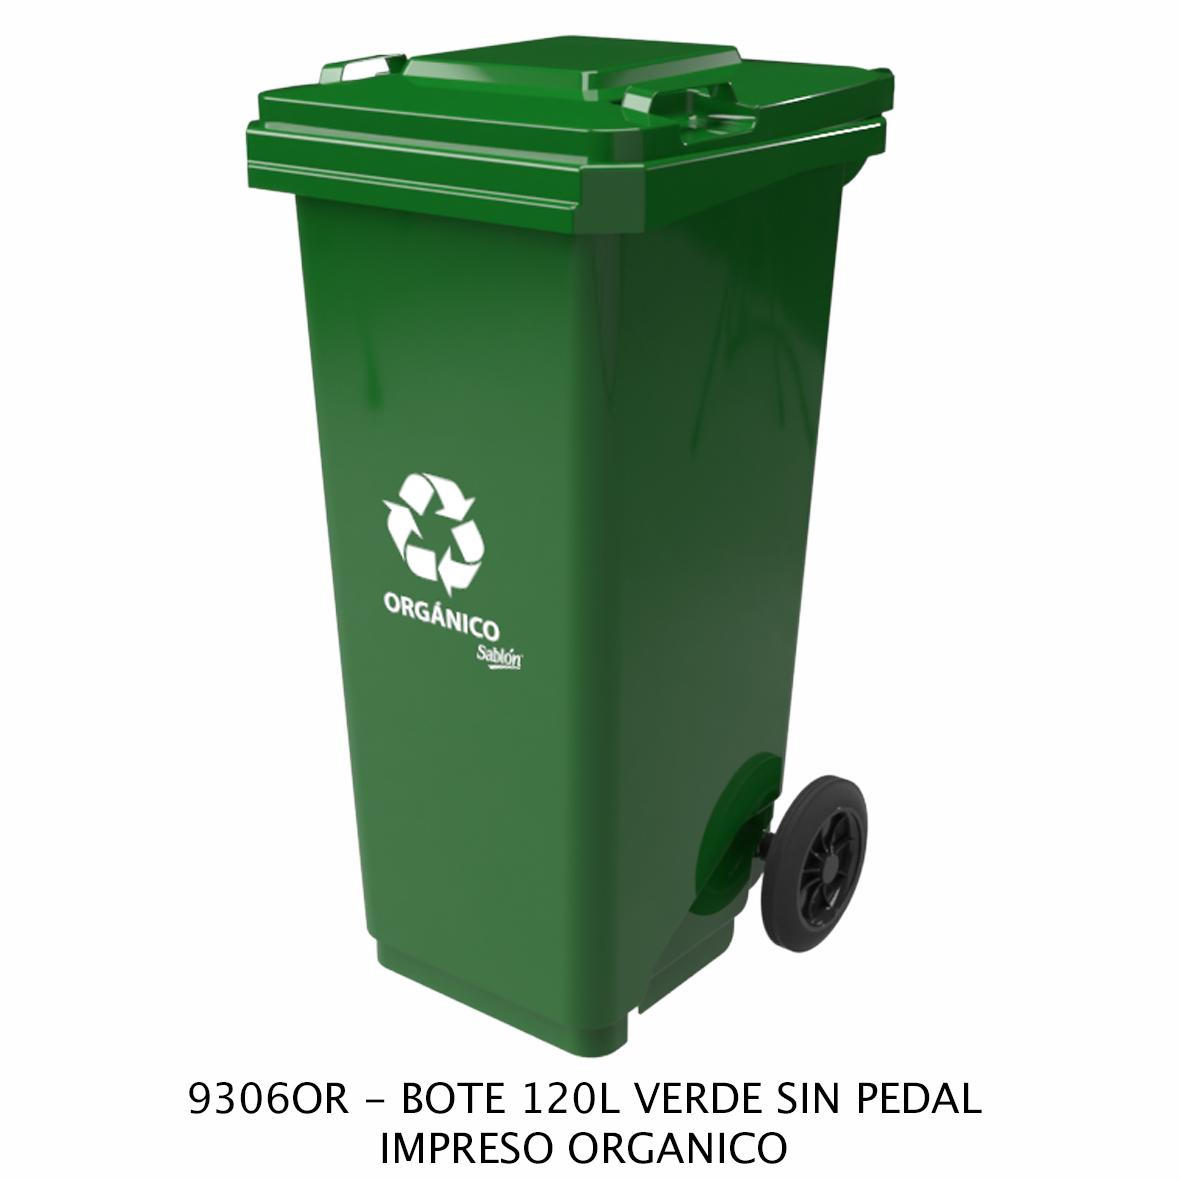 Bote de basura de 120 litros sin pedal con impreso orgánico color verde modelo 9306OR de Sablón